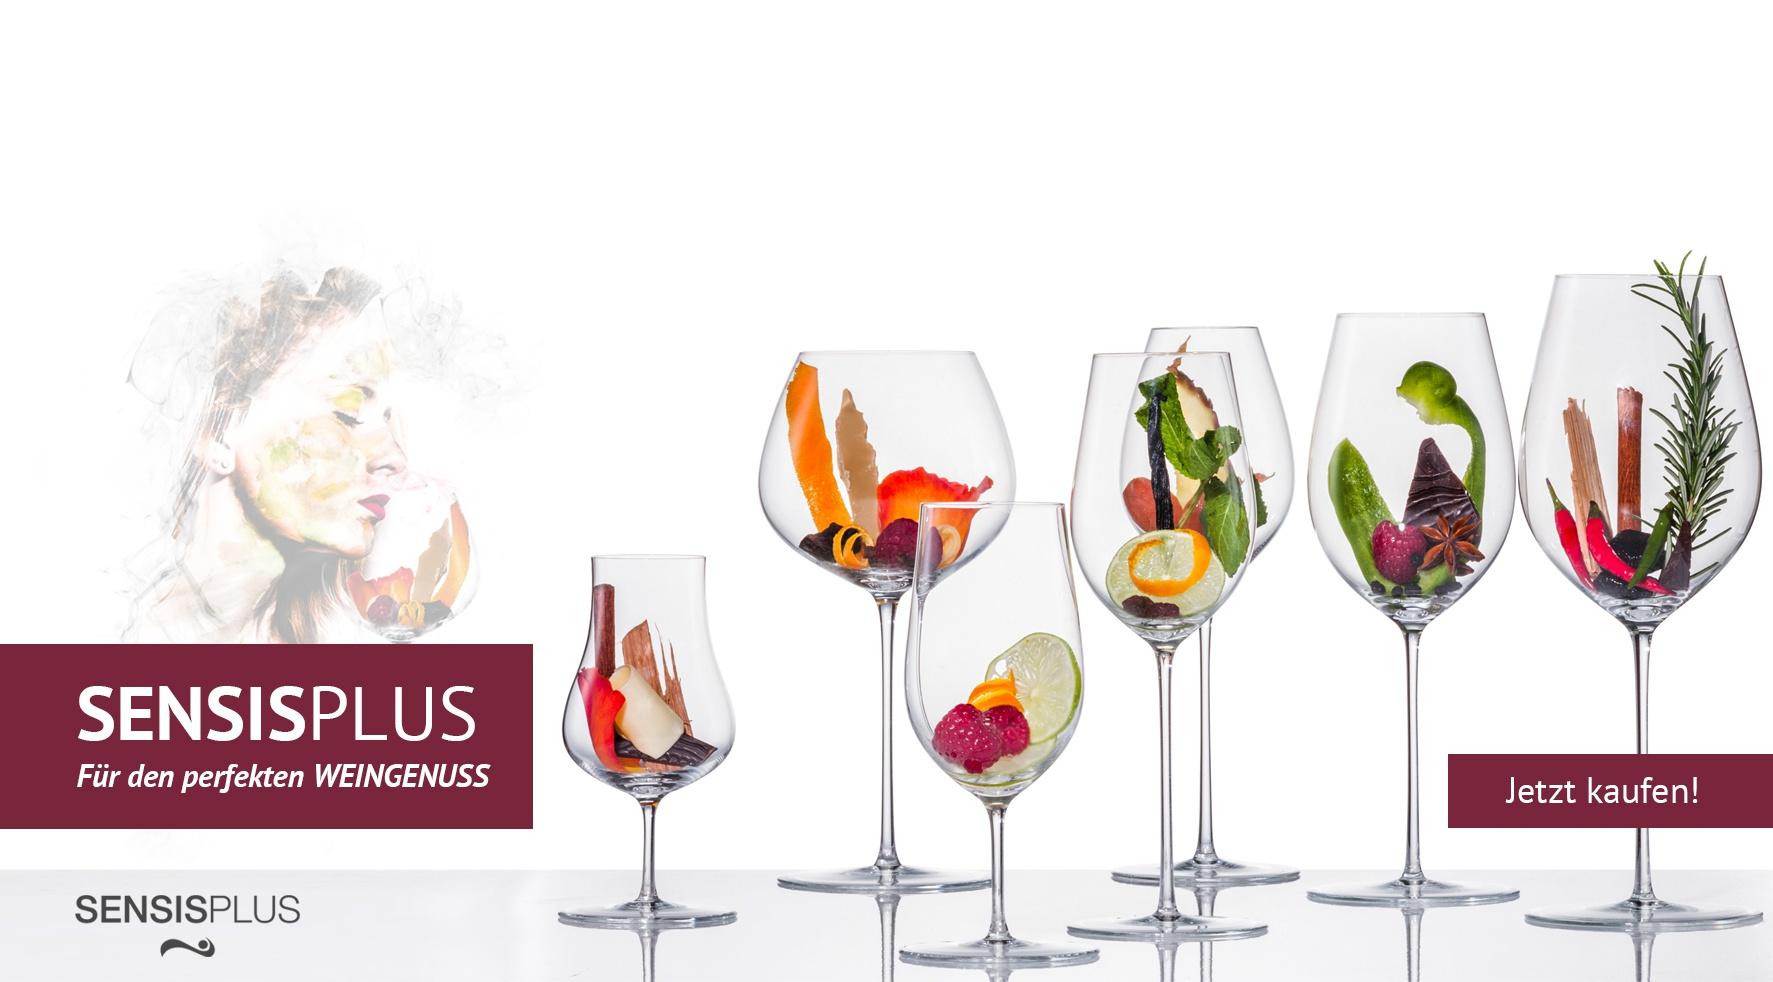 SensisPlus-Gläser von Eisch